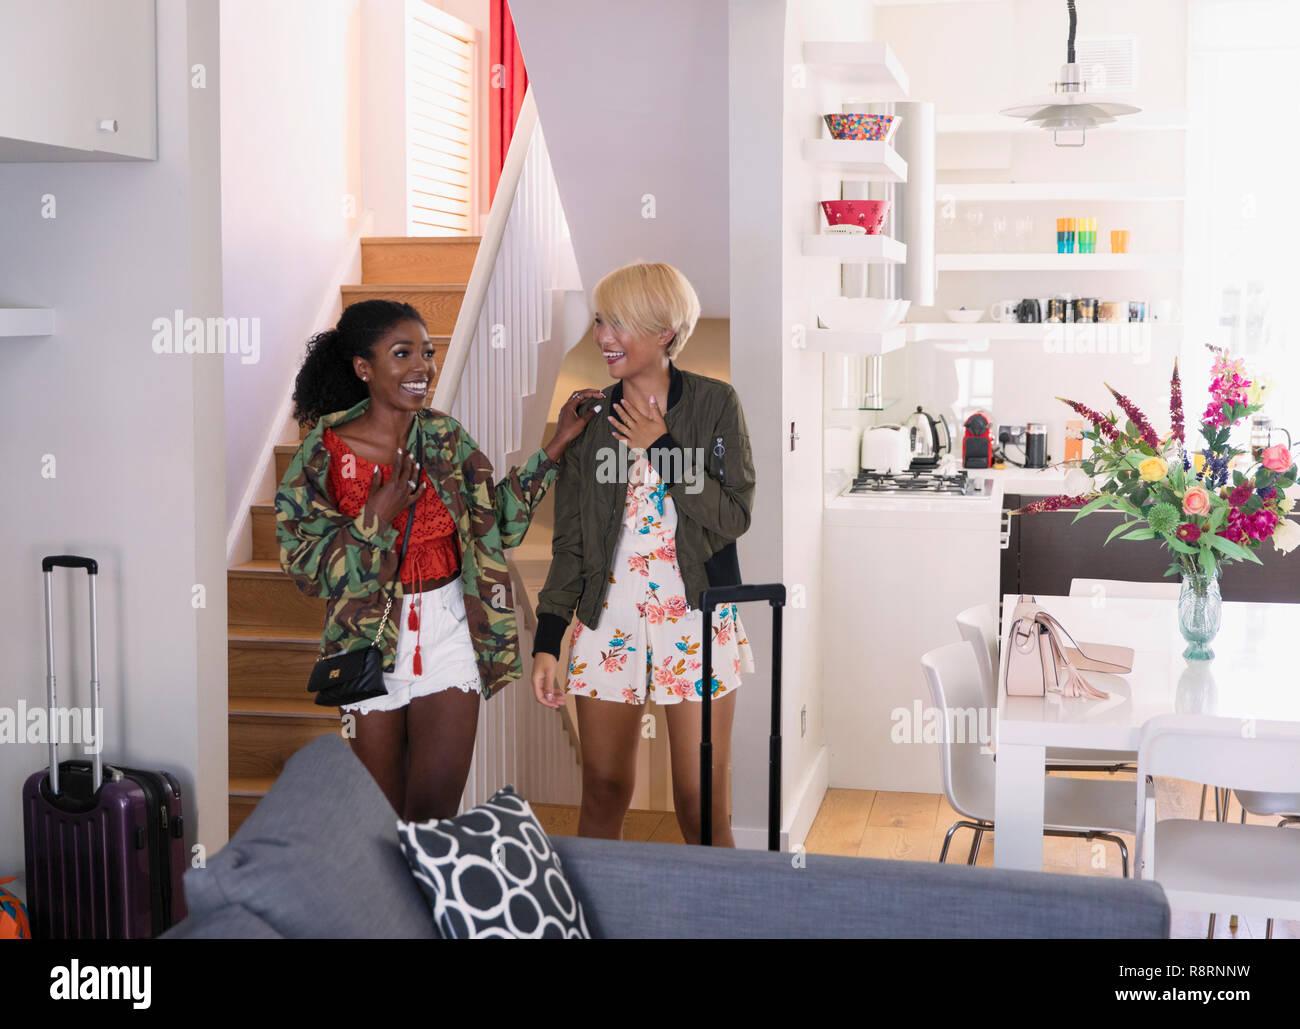 Entusiasti di donne giovani amici arrivando a Affitto casa Immagini Stock